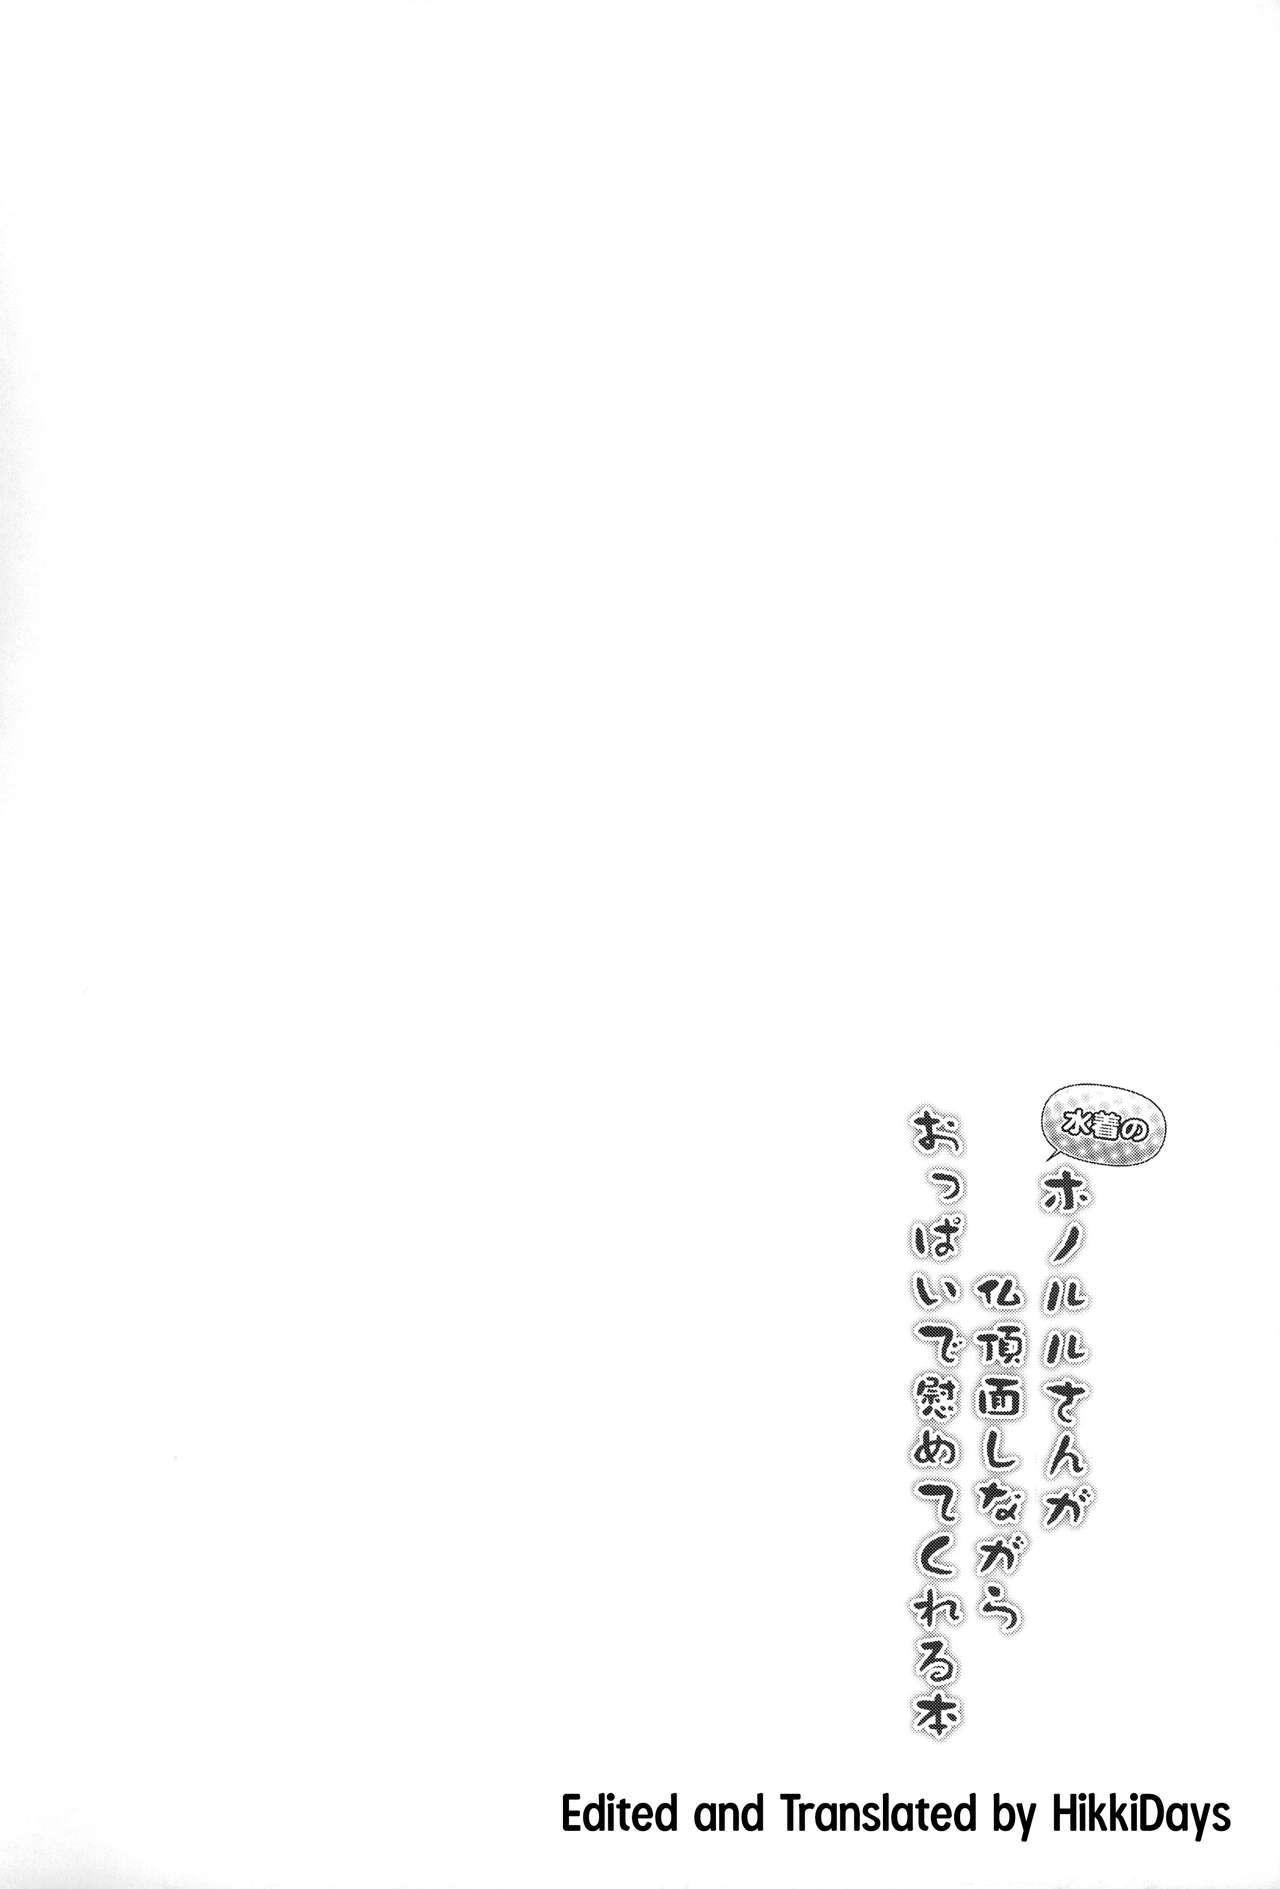 Mizugi no Honolulu-san ga Bucchouzura Shinagara Oppai de Nagusamete Kureru Hon 2